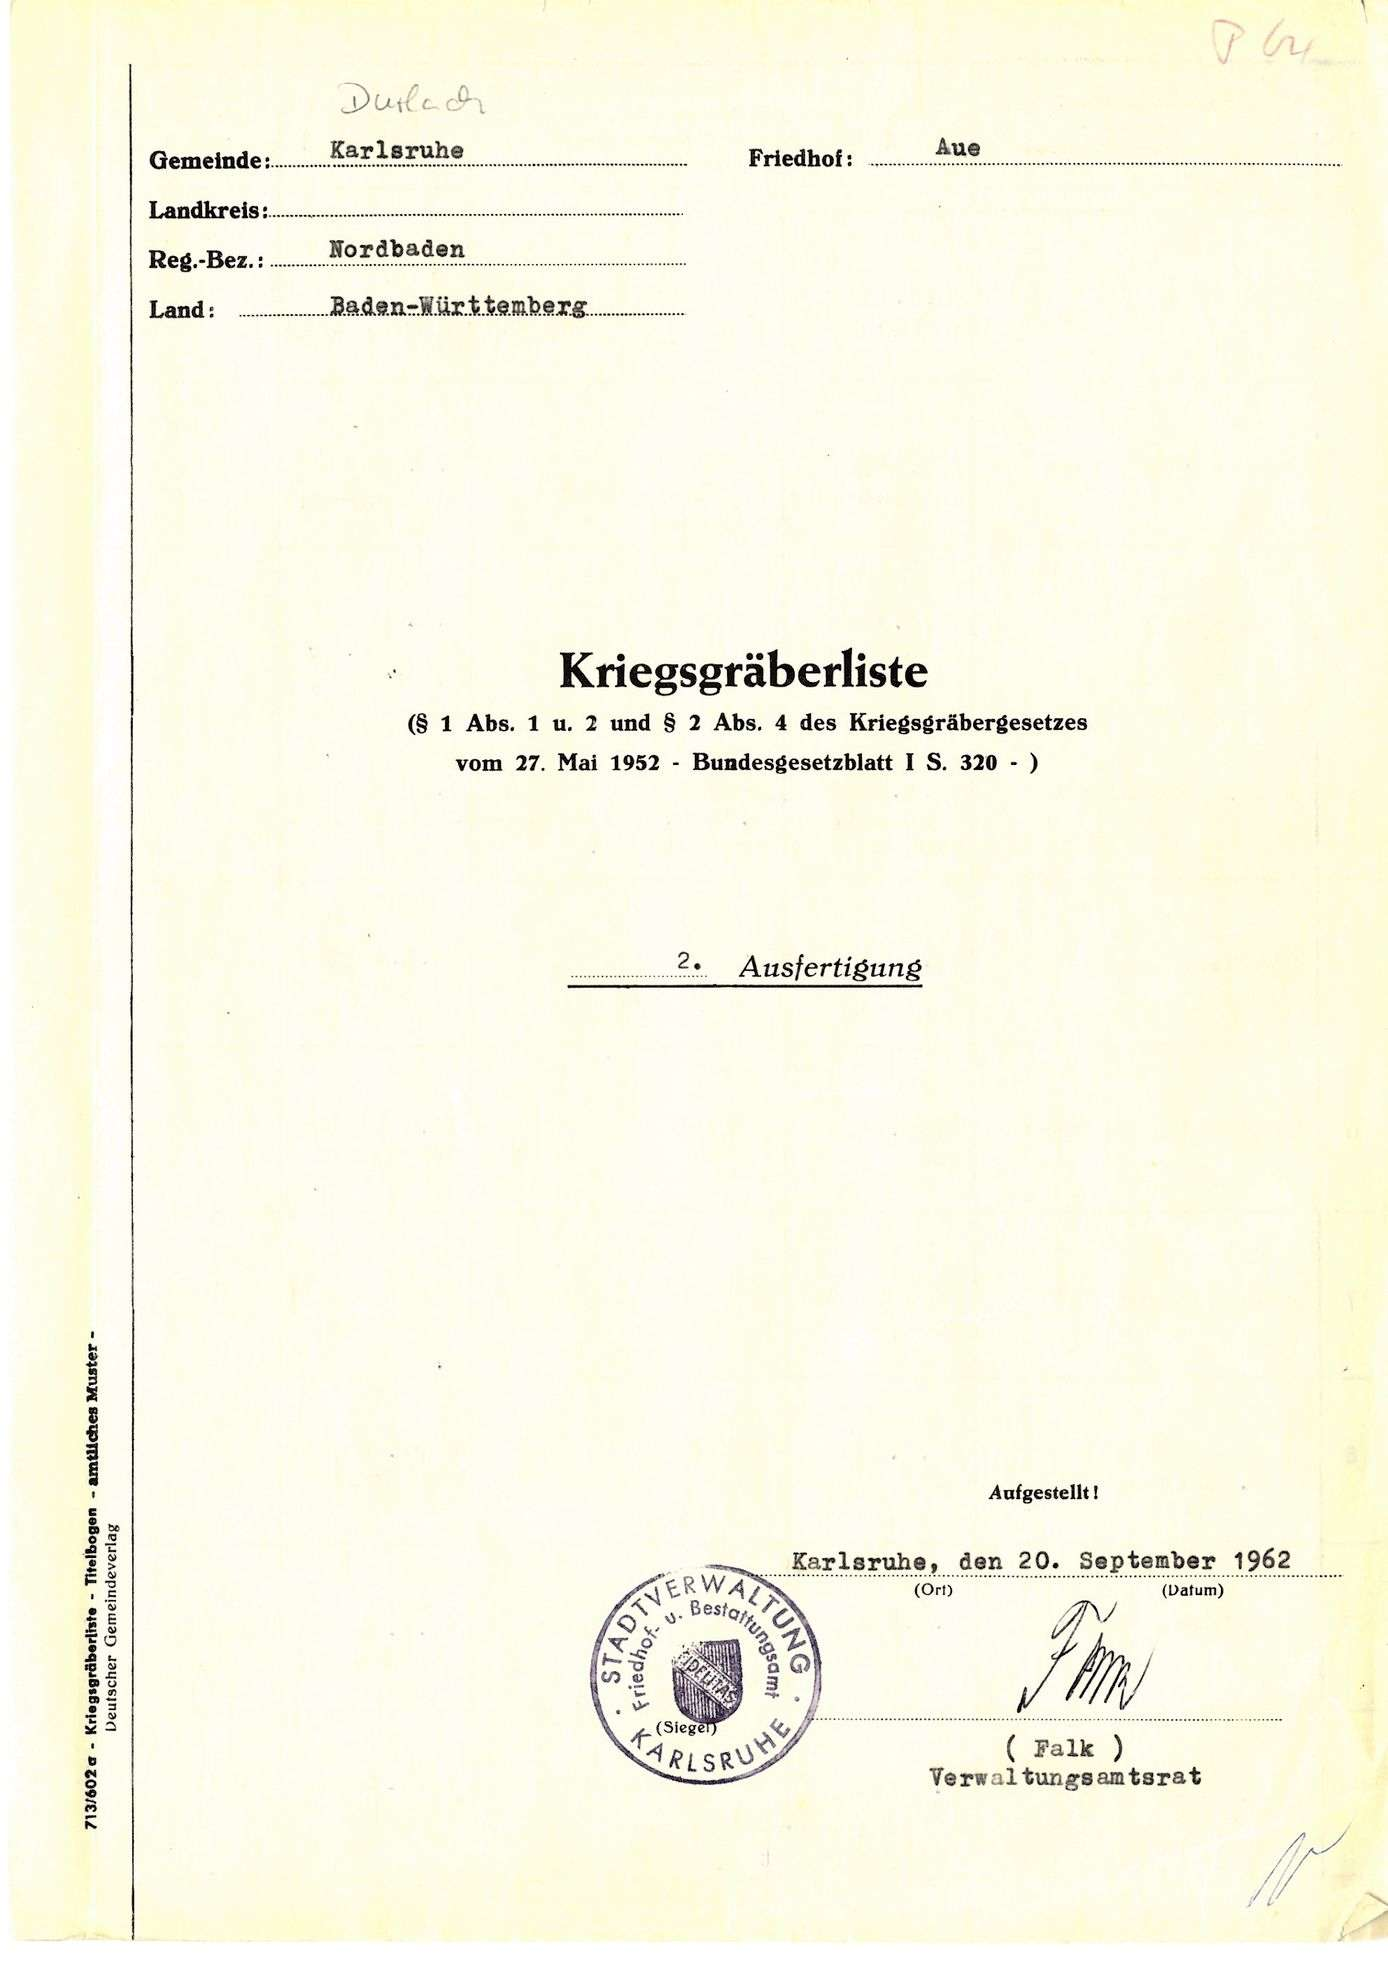 Durlach-Aue, Bild 1